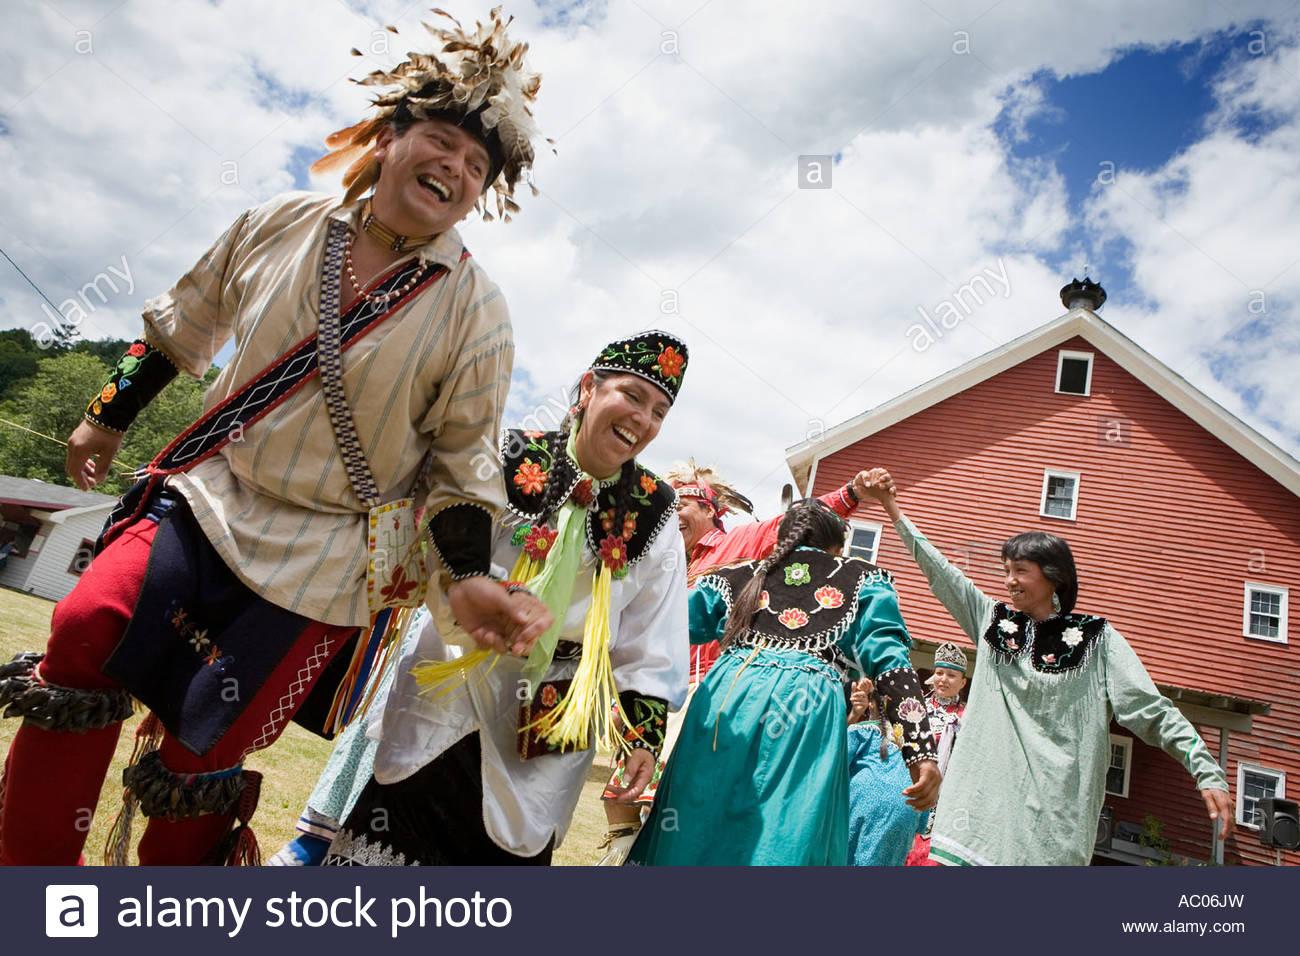 New york montgomery county fonda - Stock Photo Traditional Dancing At Annual Kanatsiohareke Mohawk Indian Festival Fonda New York Montgomery County